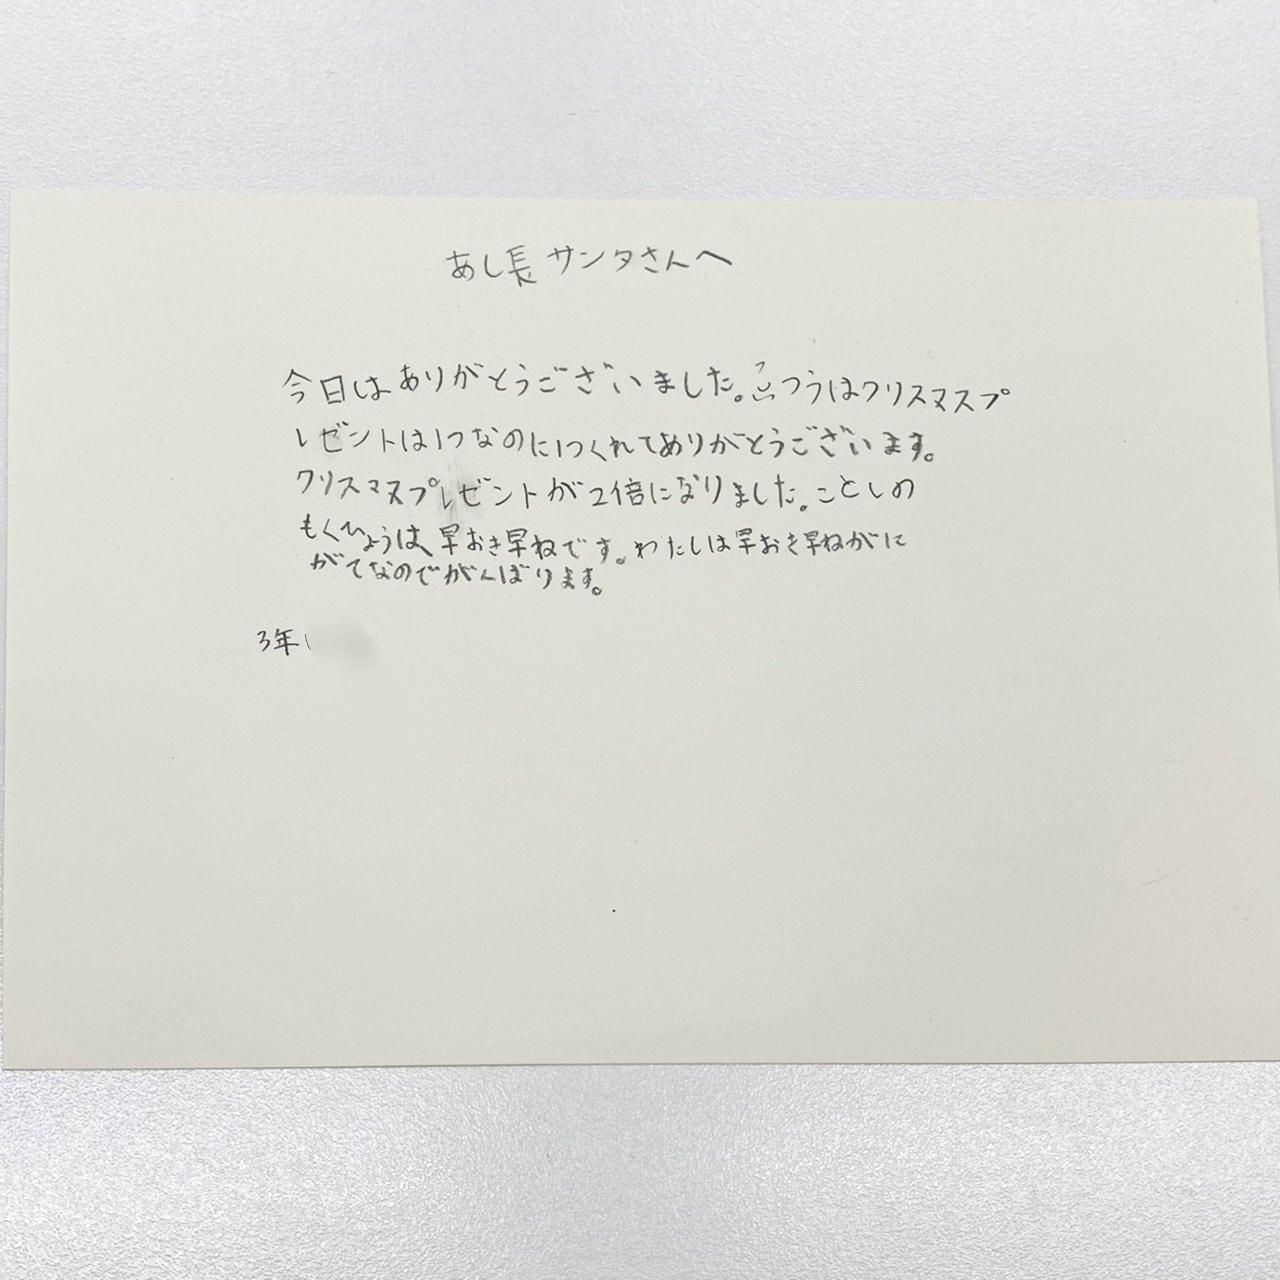 【あしながサンタ】株式会社ロードカー【社会貢献】